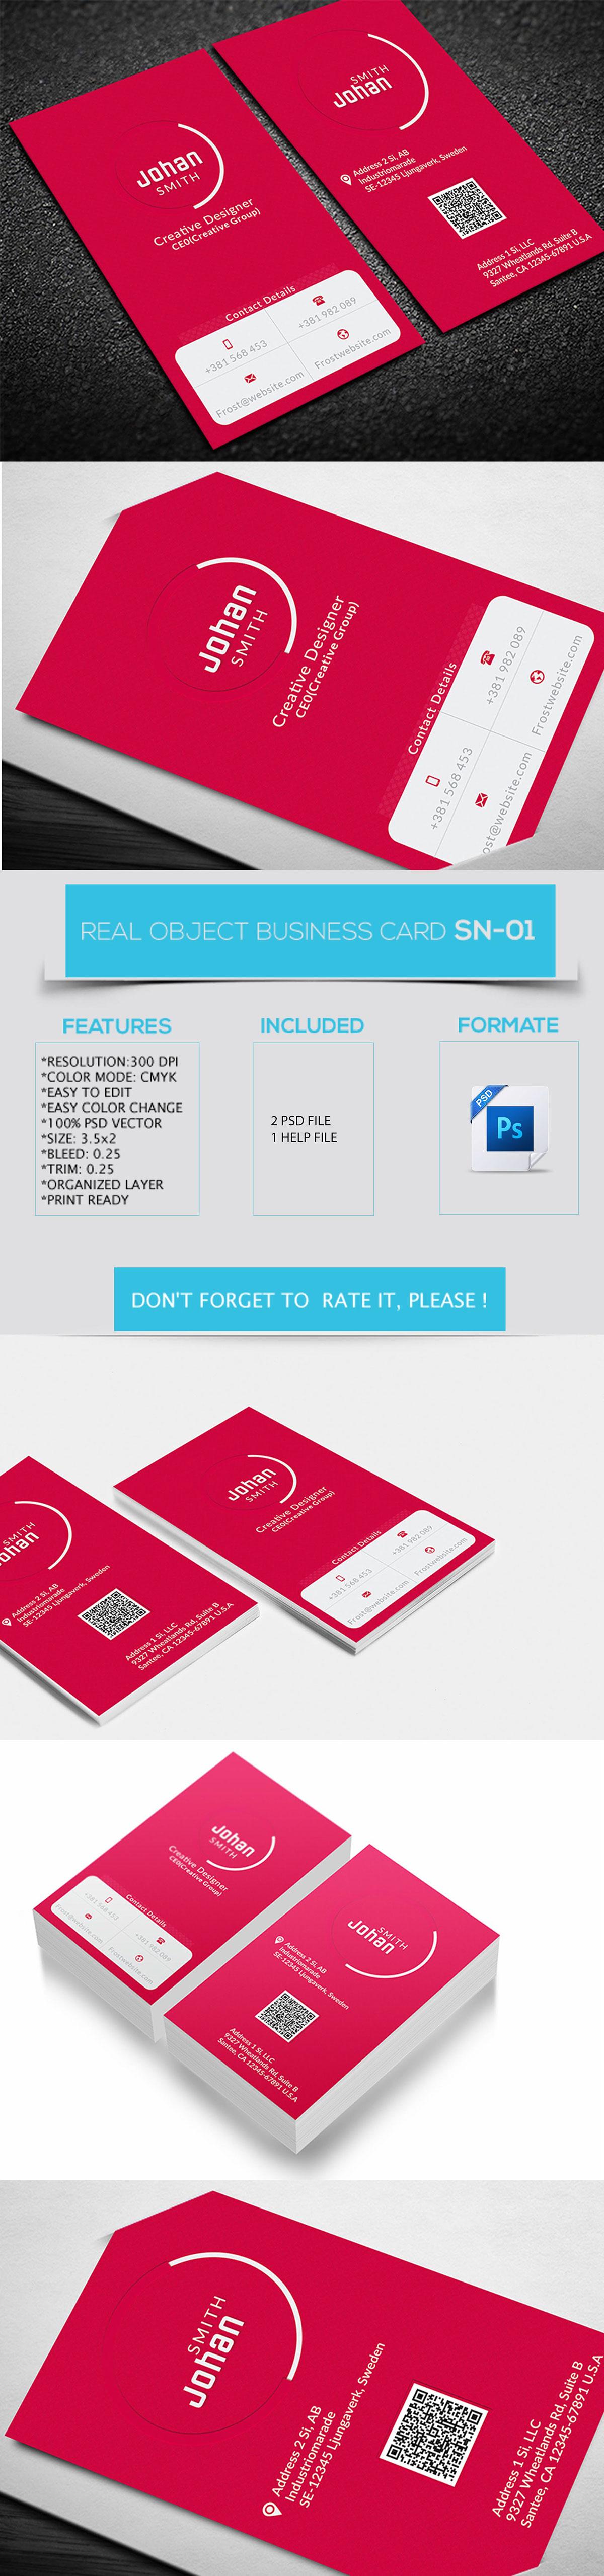 web design business card unique business cards